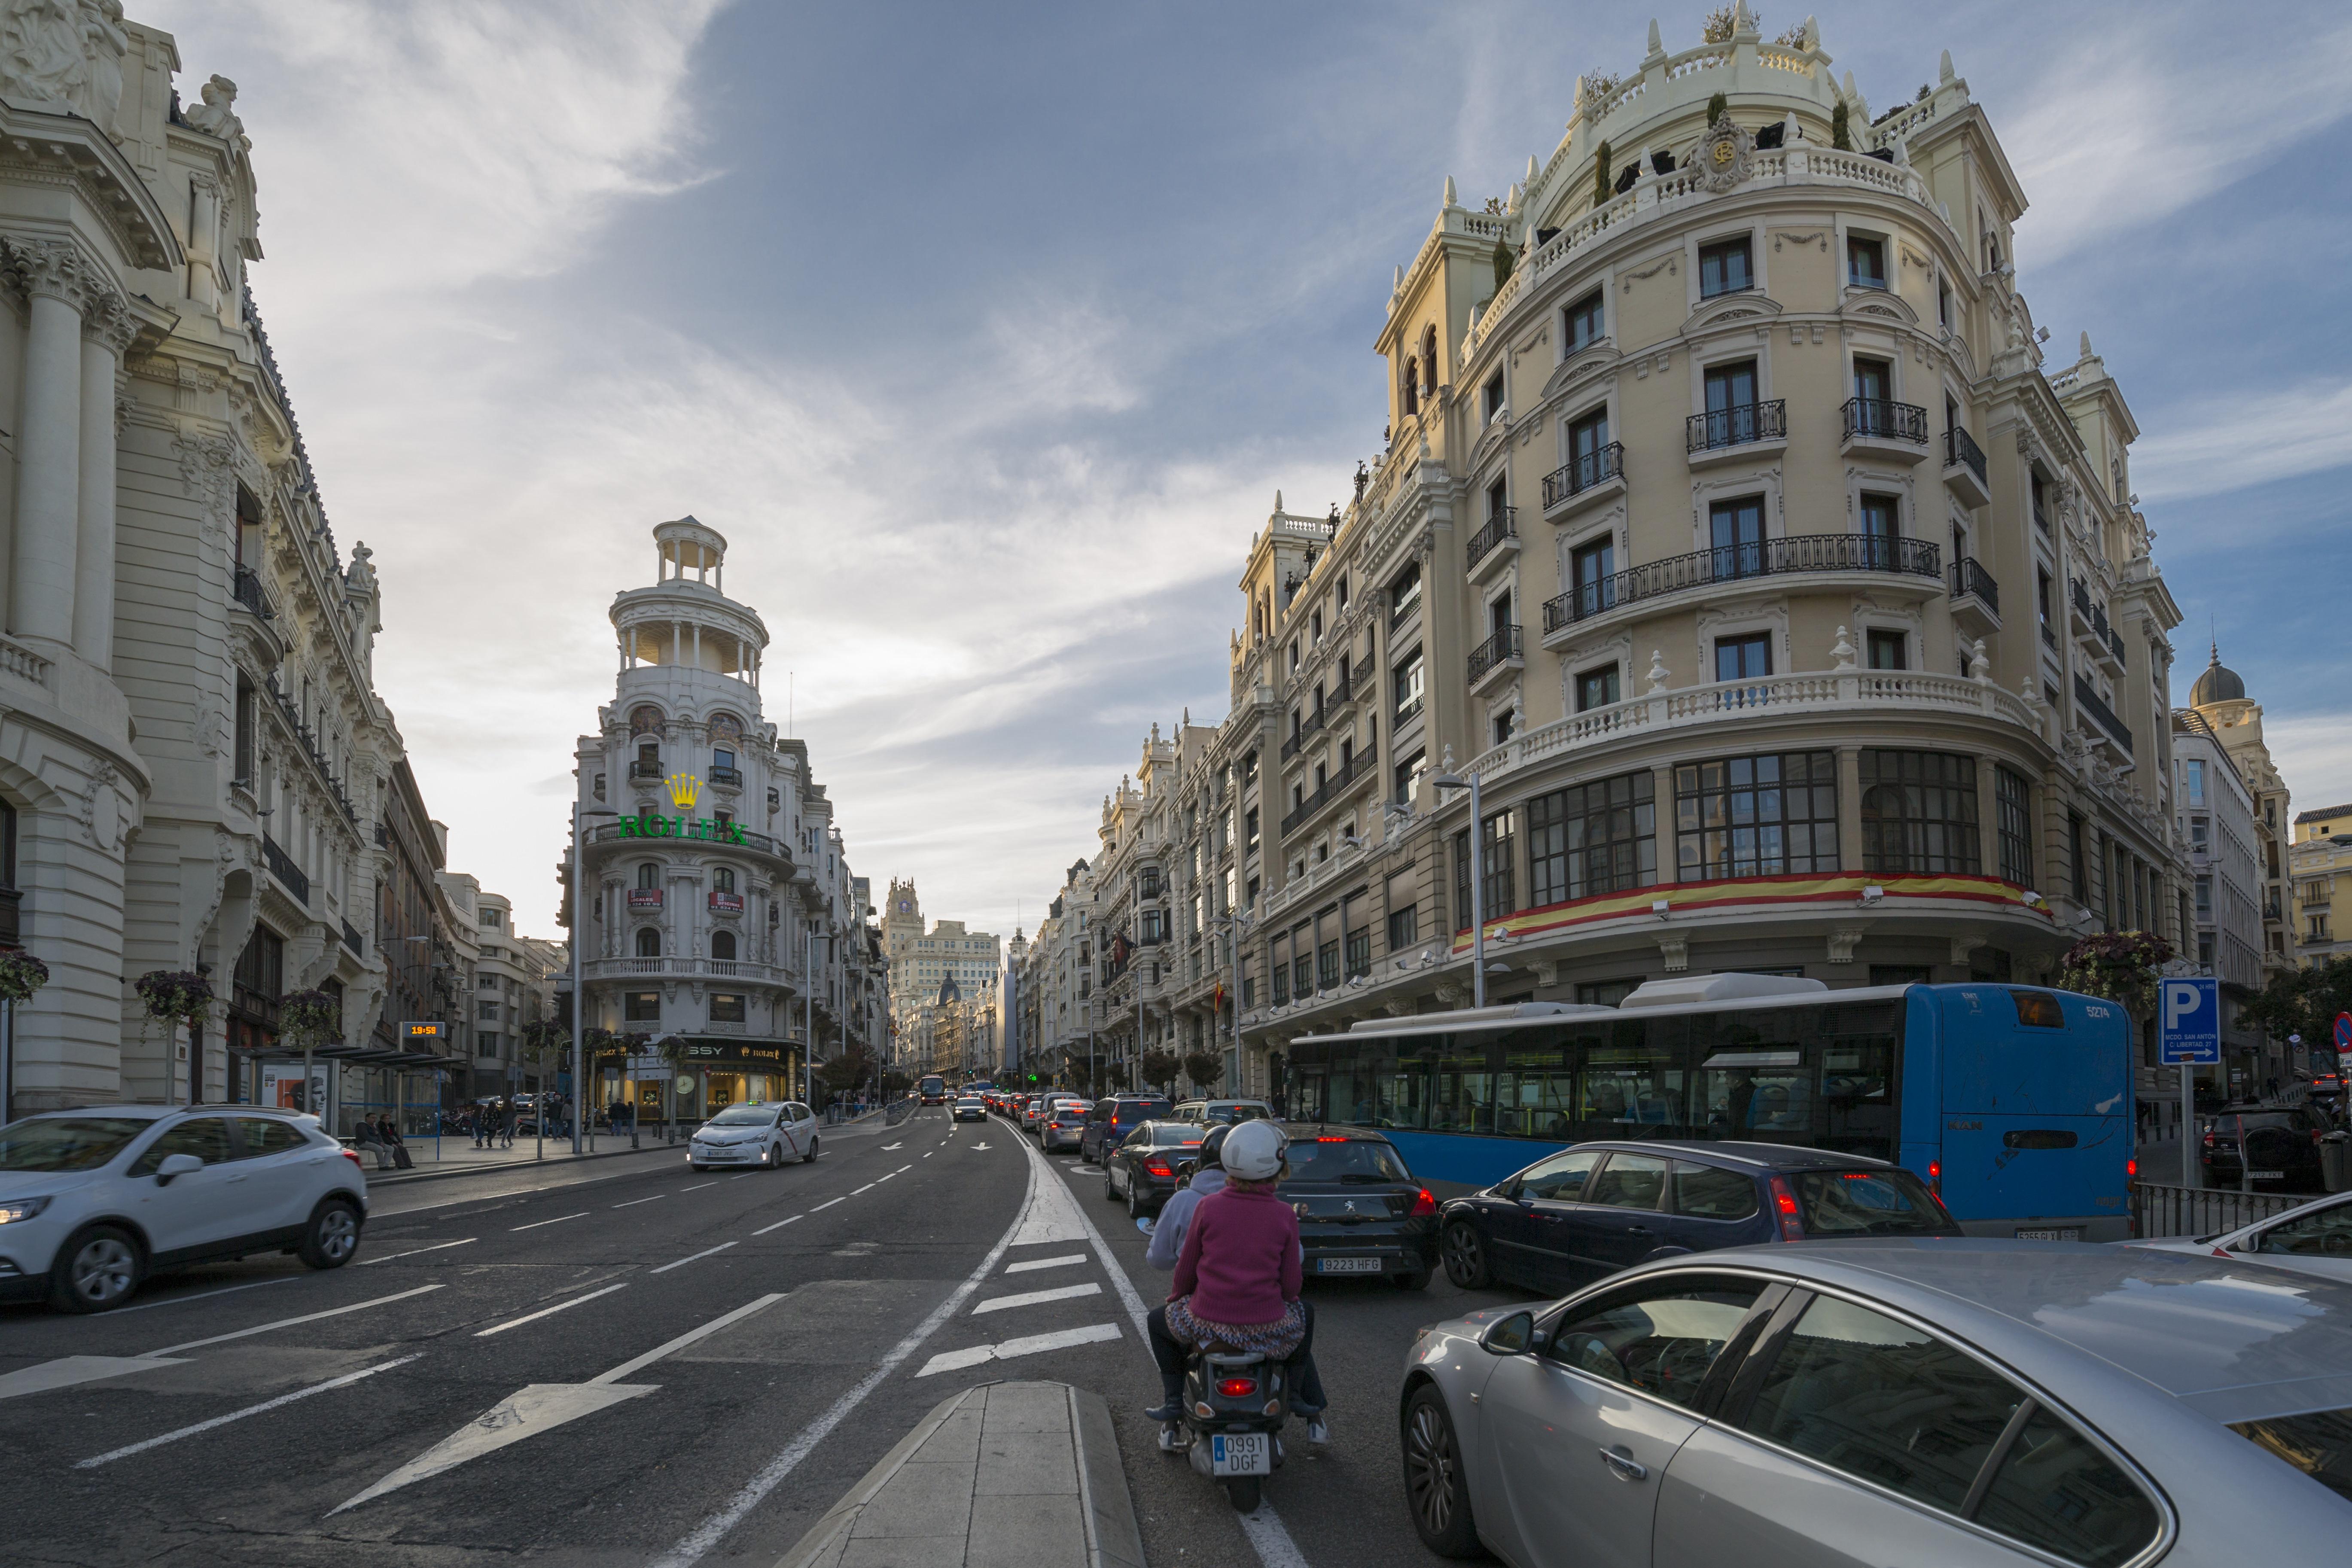 Mától csak zéró kibocsátású járművekkel lehet szabadon közlekedni Madrid belvárosában